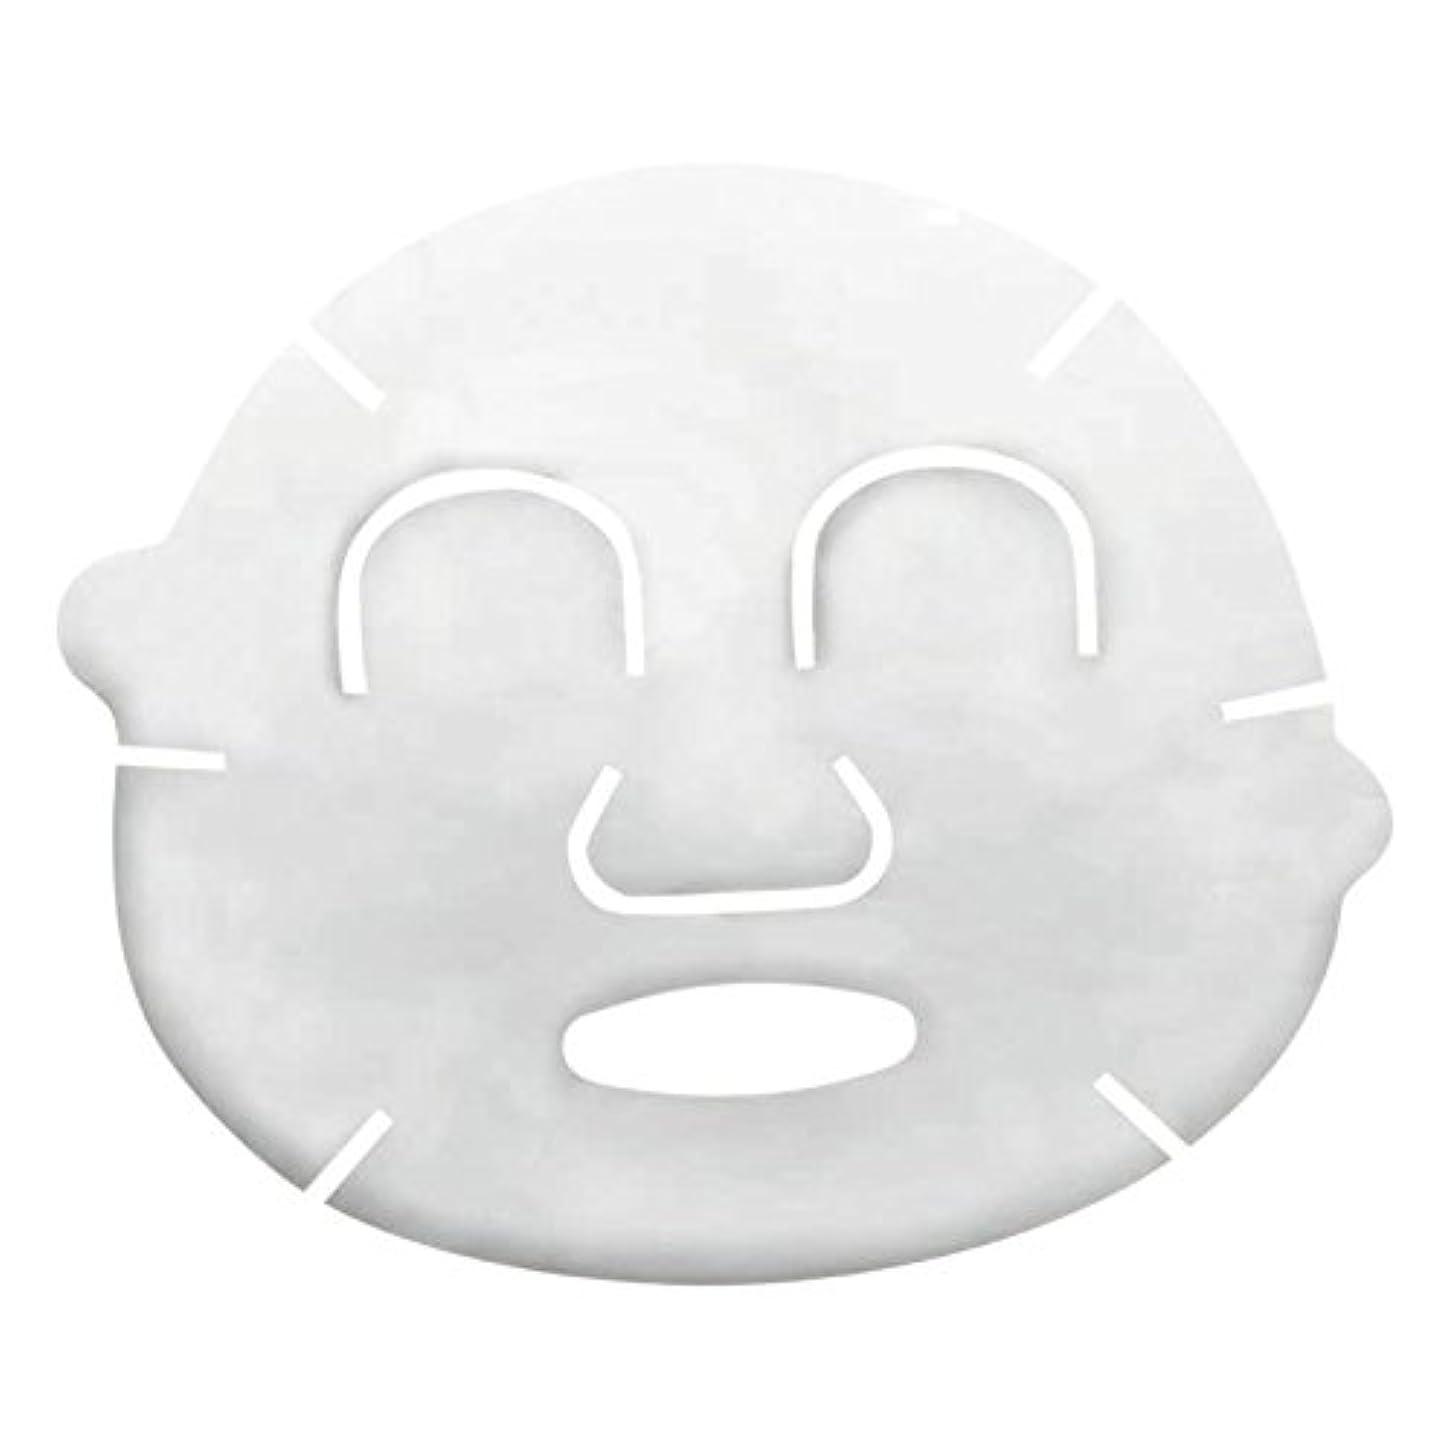 暖かくハム現像シャーロットティルバリーマルチ奇跡のグロークレンザーマスク&バーム100ミリリットル (Charlotte Tilbury) - Charlotte Tilbury Multi-Miracle Glow Cleanser Mask & Balm 100ml [並行輸入品]